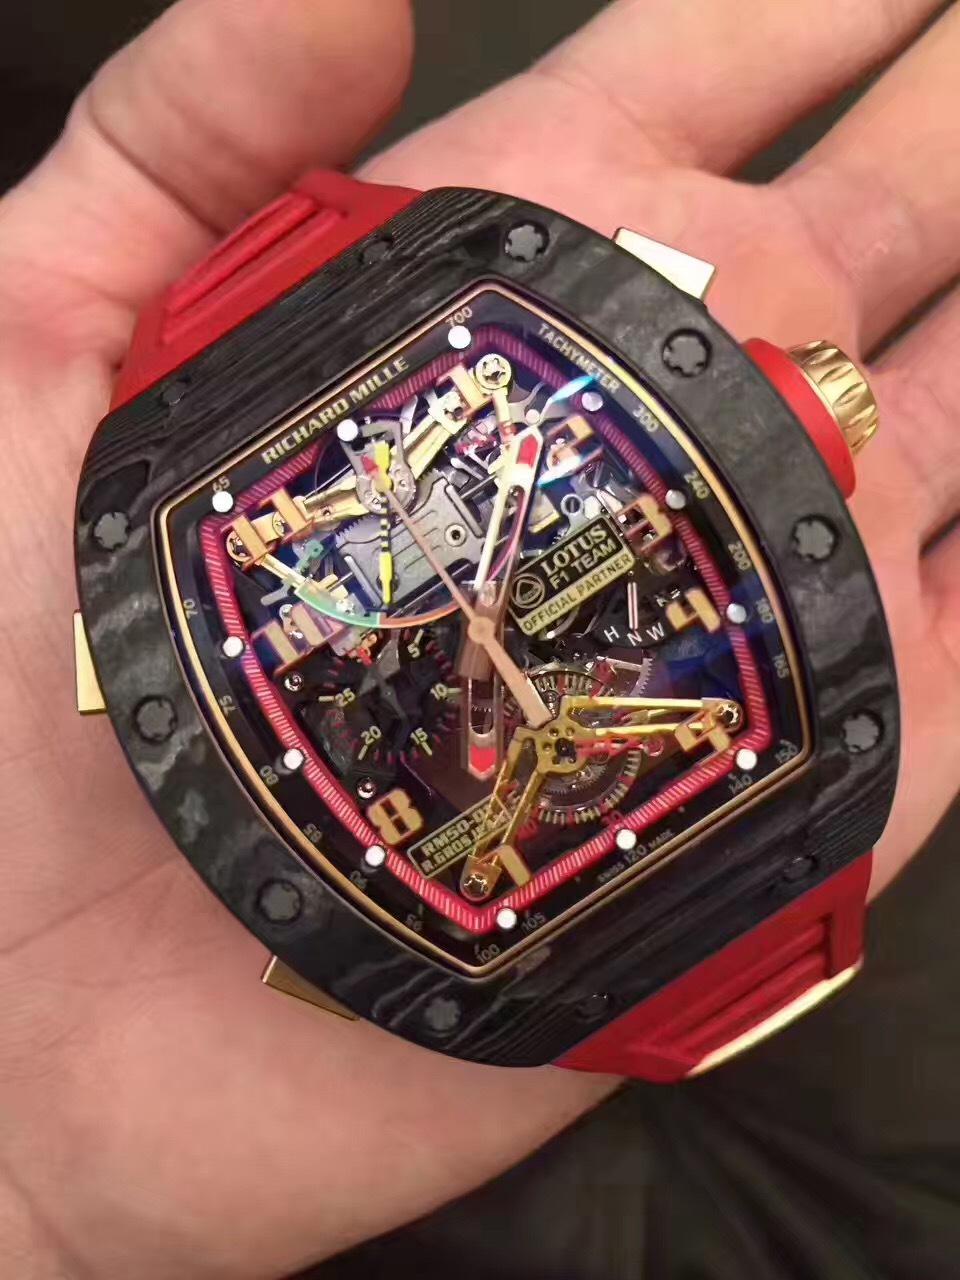 杭州手表回收公司理查德米勒手表回收几折及杭州保姆纵火案一审宣判莫焕晶被判死刑